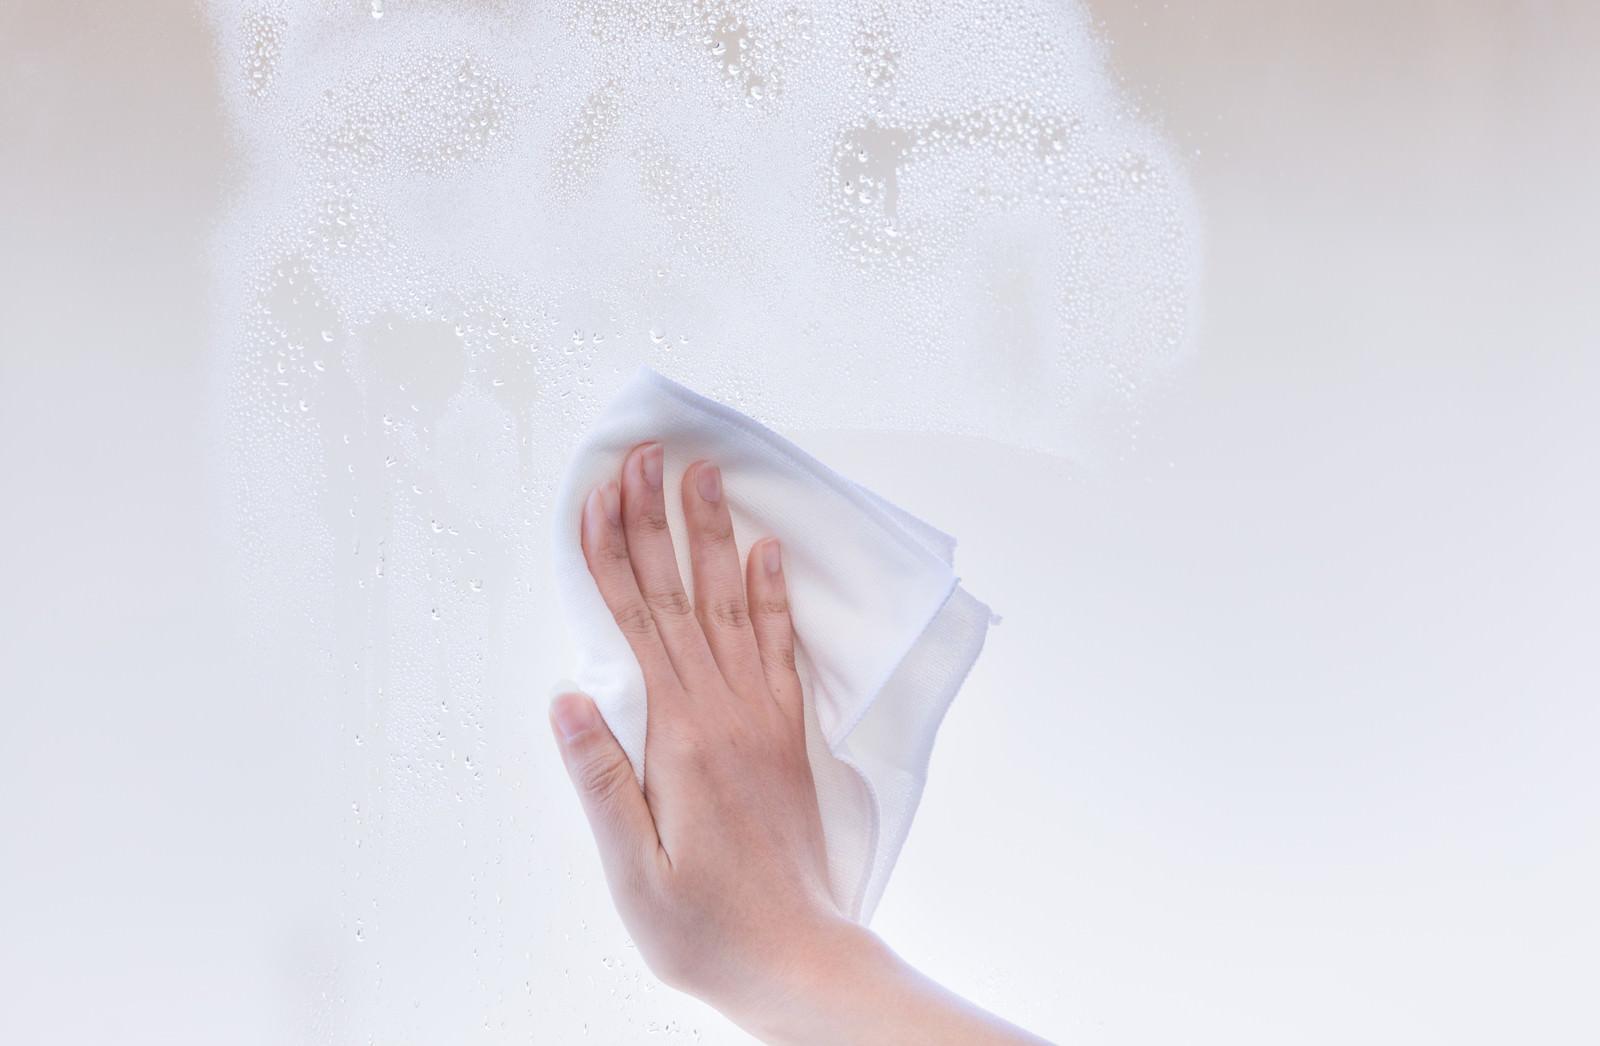 「窓を乾拭きする様子窓を乾拭きする様子」のフリー写真素材を拡大